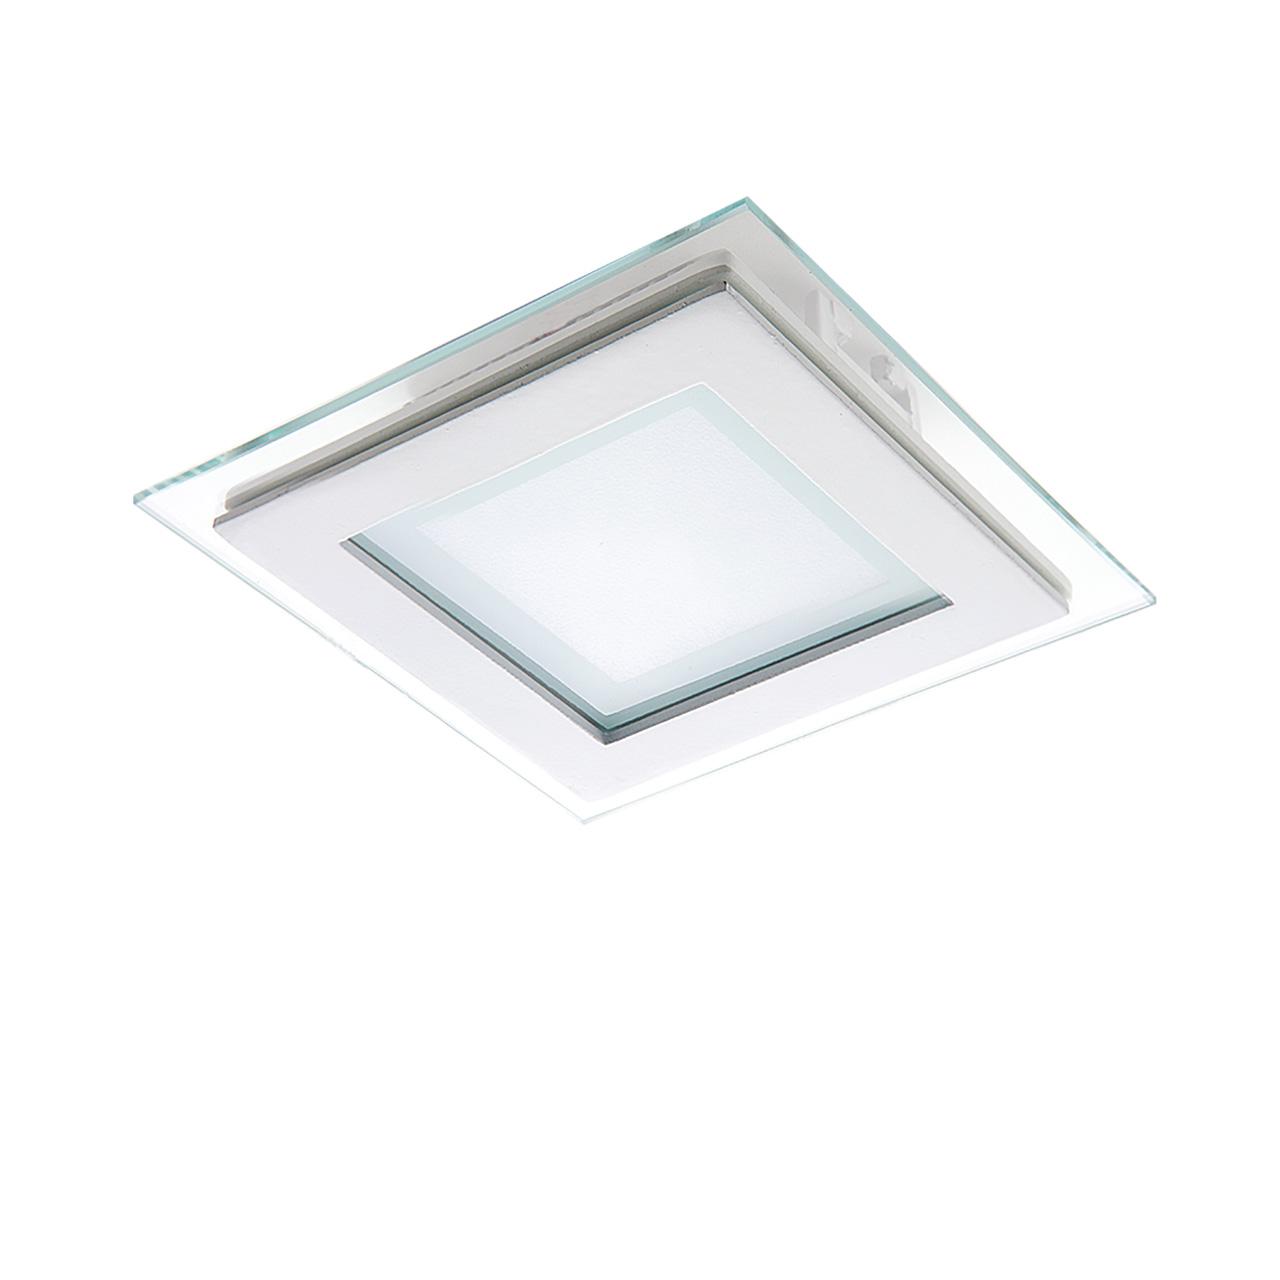 Встраиваемый светильник Lightstar, LED, 6 Вт встраиваемый светильник lightstar led 26 вт